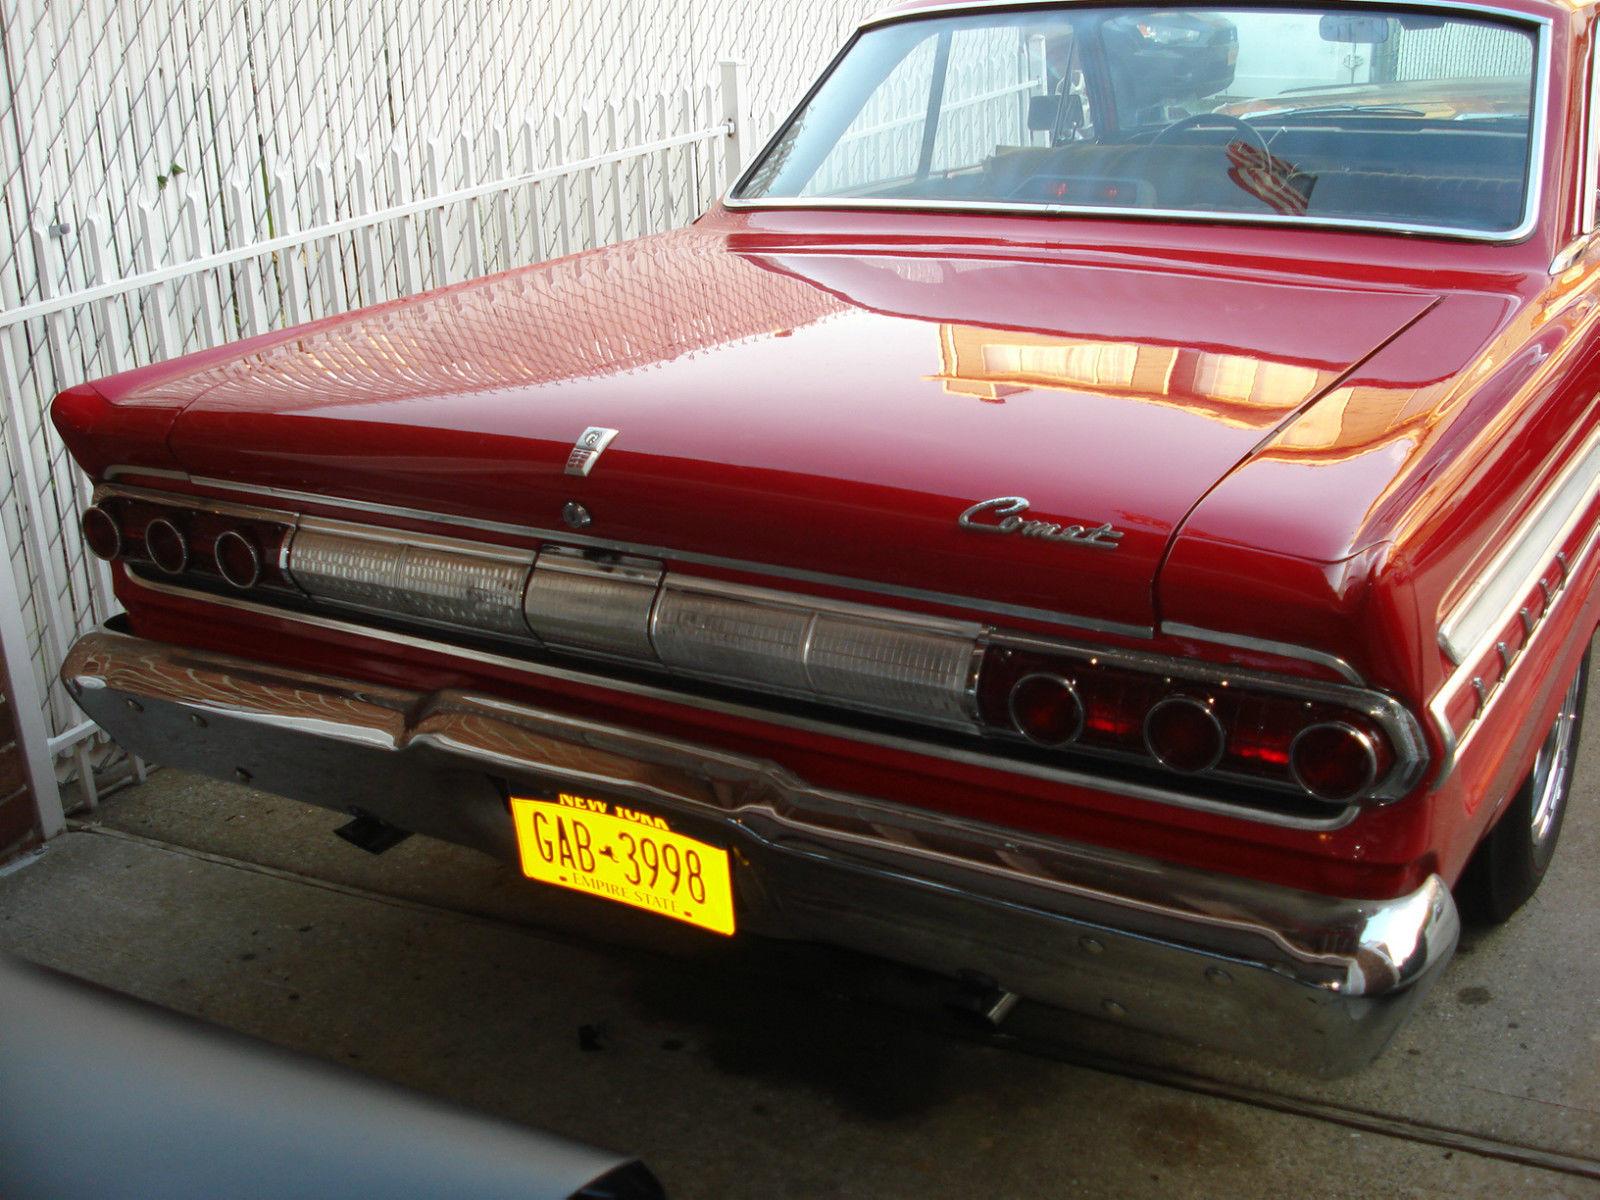 64 Mercury Comet Caliente Classic Mercury Comet 1964 For